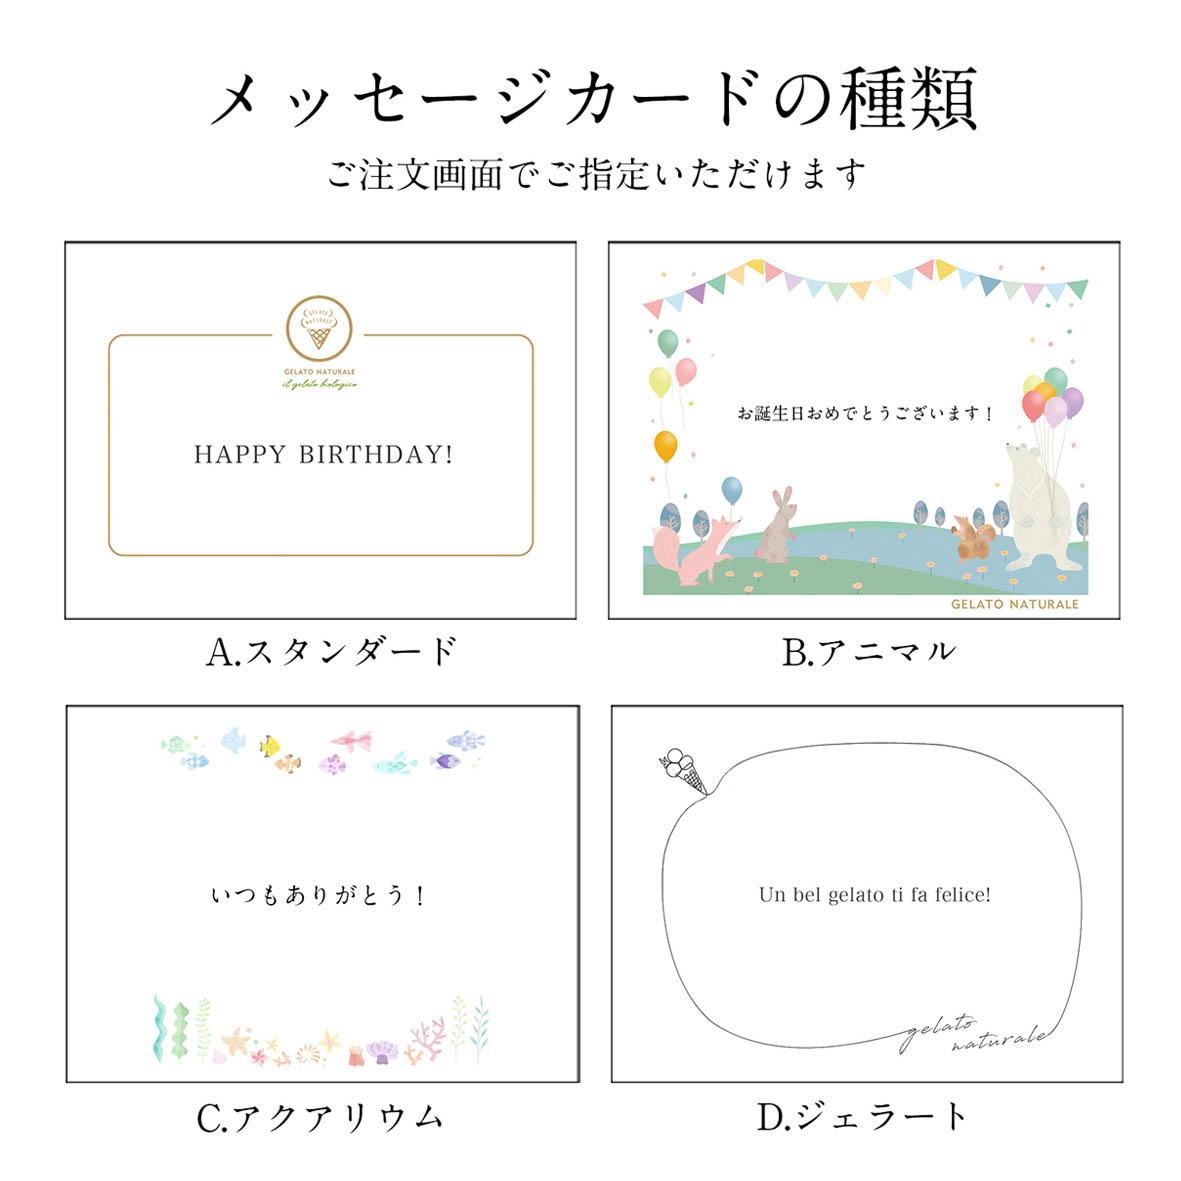 オーガニックジェラート+スプーン1個セット 10個 GELATO NATURALE GIFTBOX10 おまかせ10種